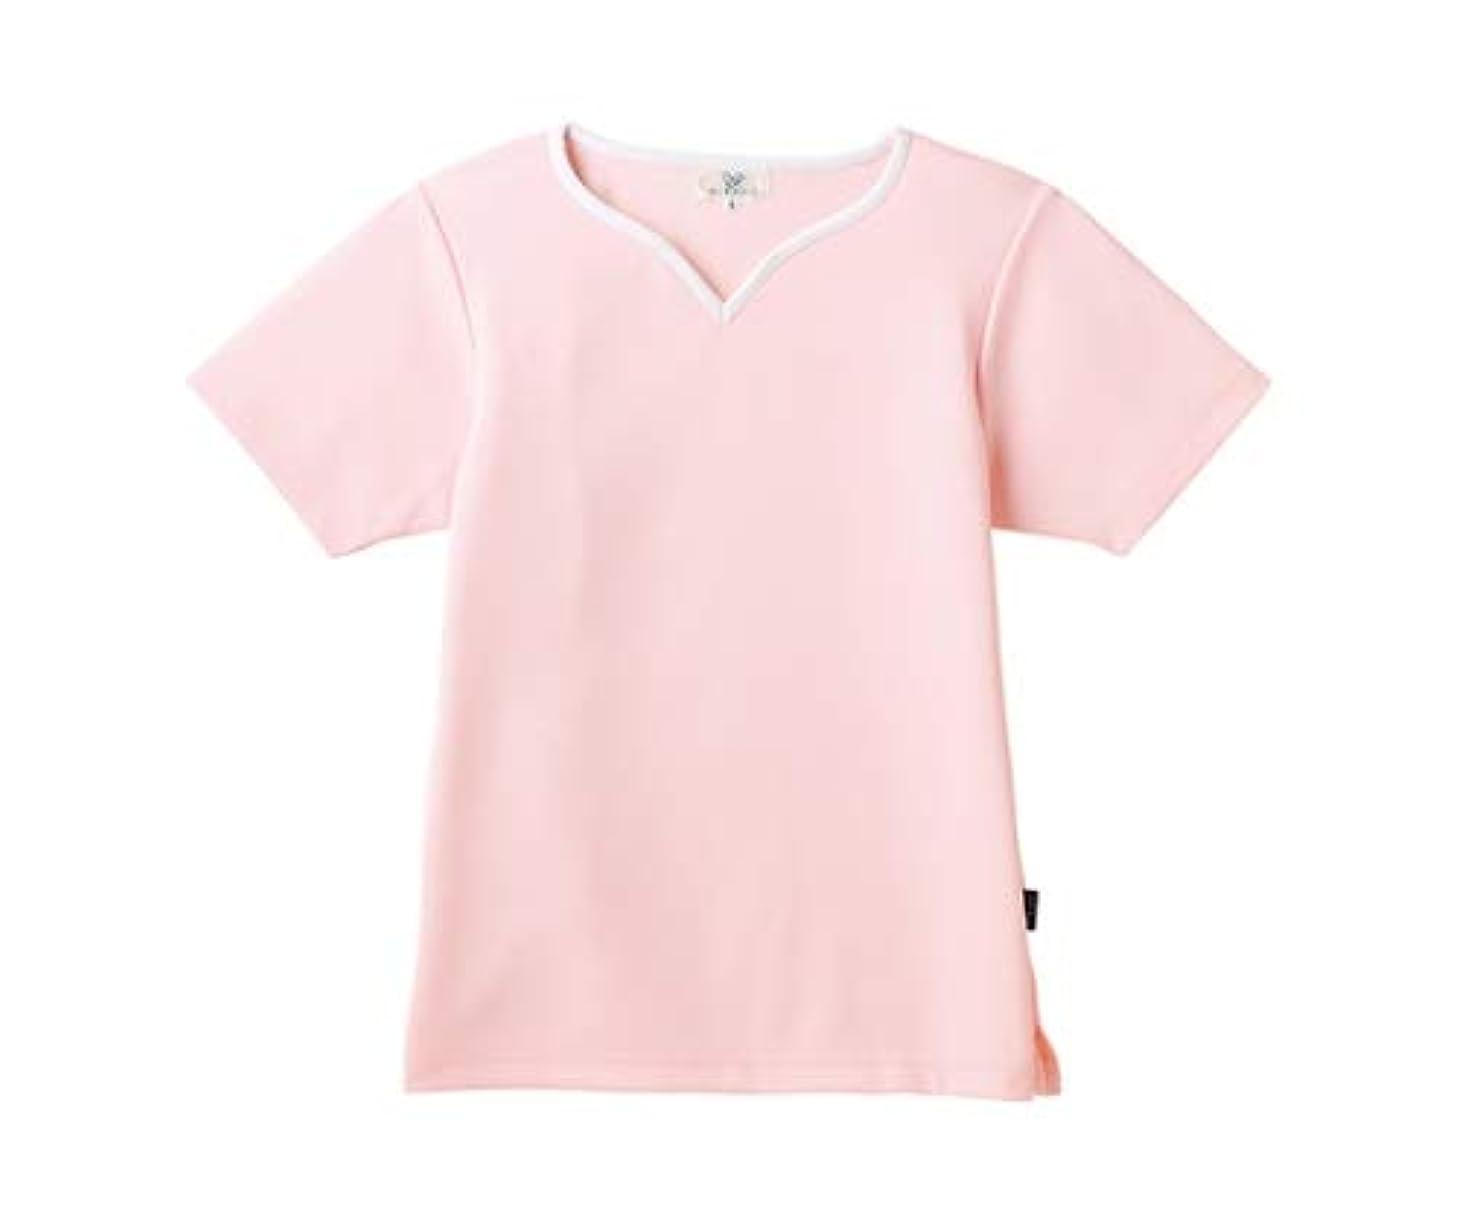 ジレンマスプレーホバートンボ/KIRAKU レディス入浴介助用シャツ CR161 S ピンク